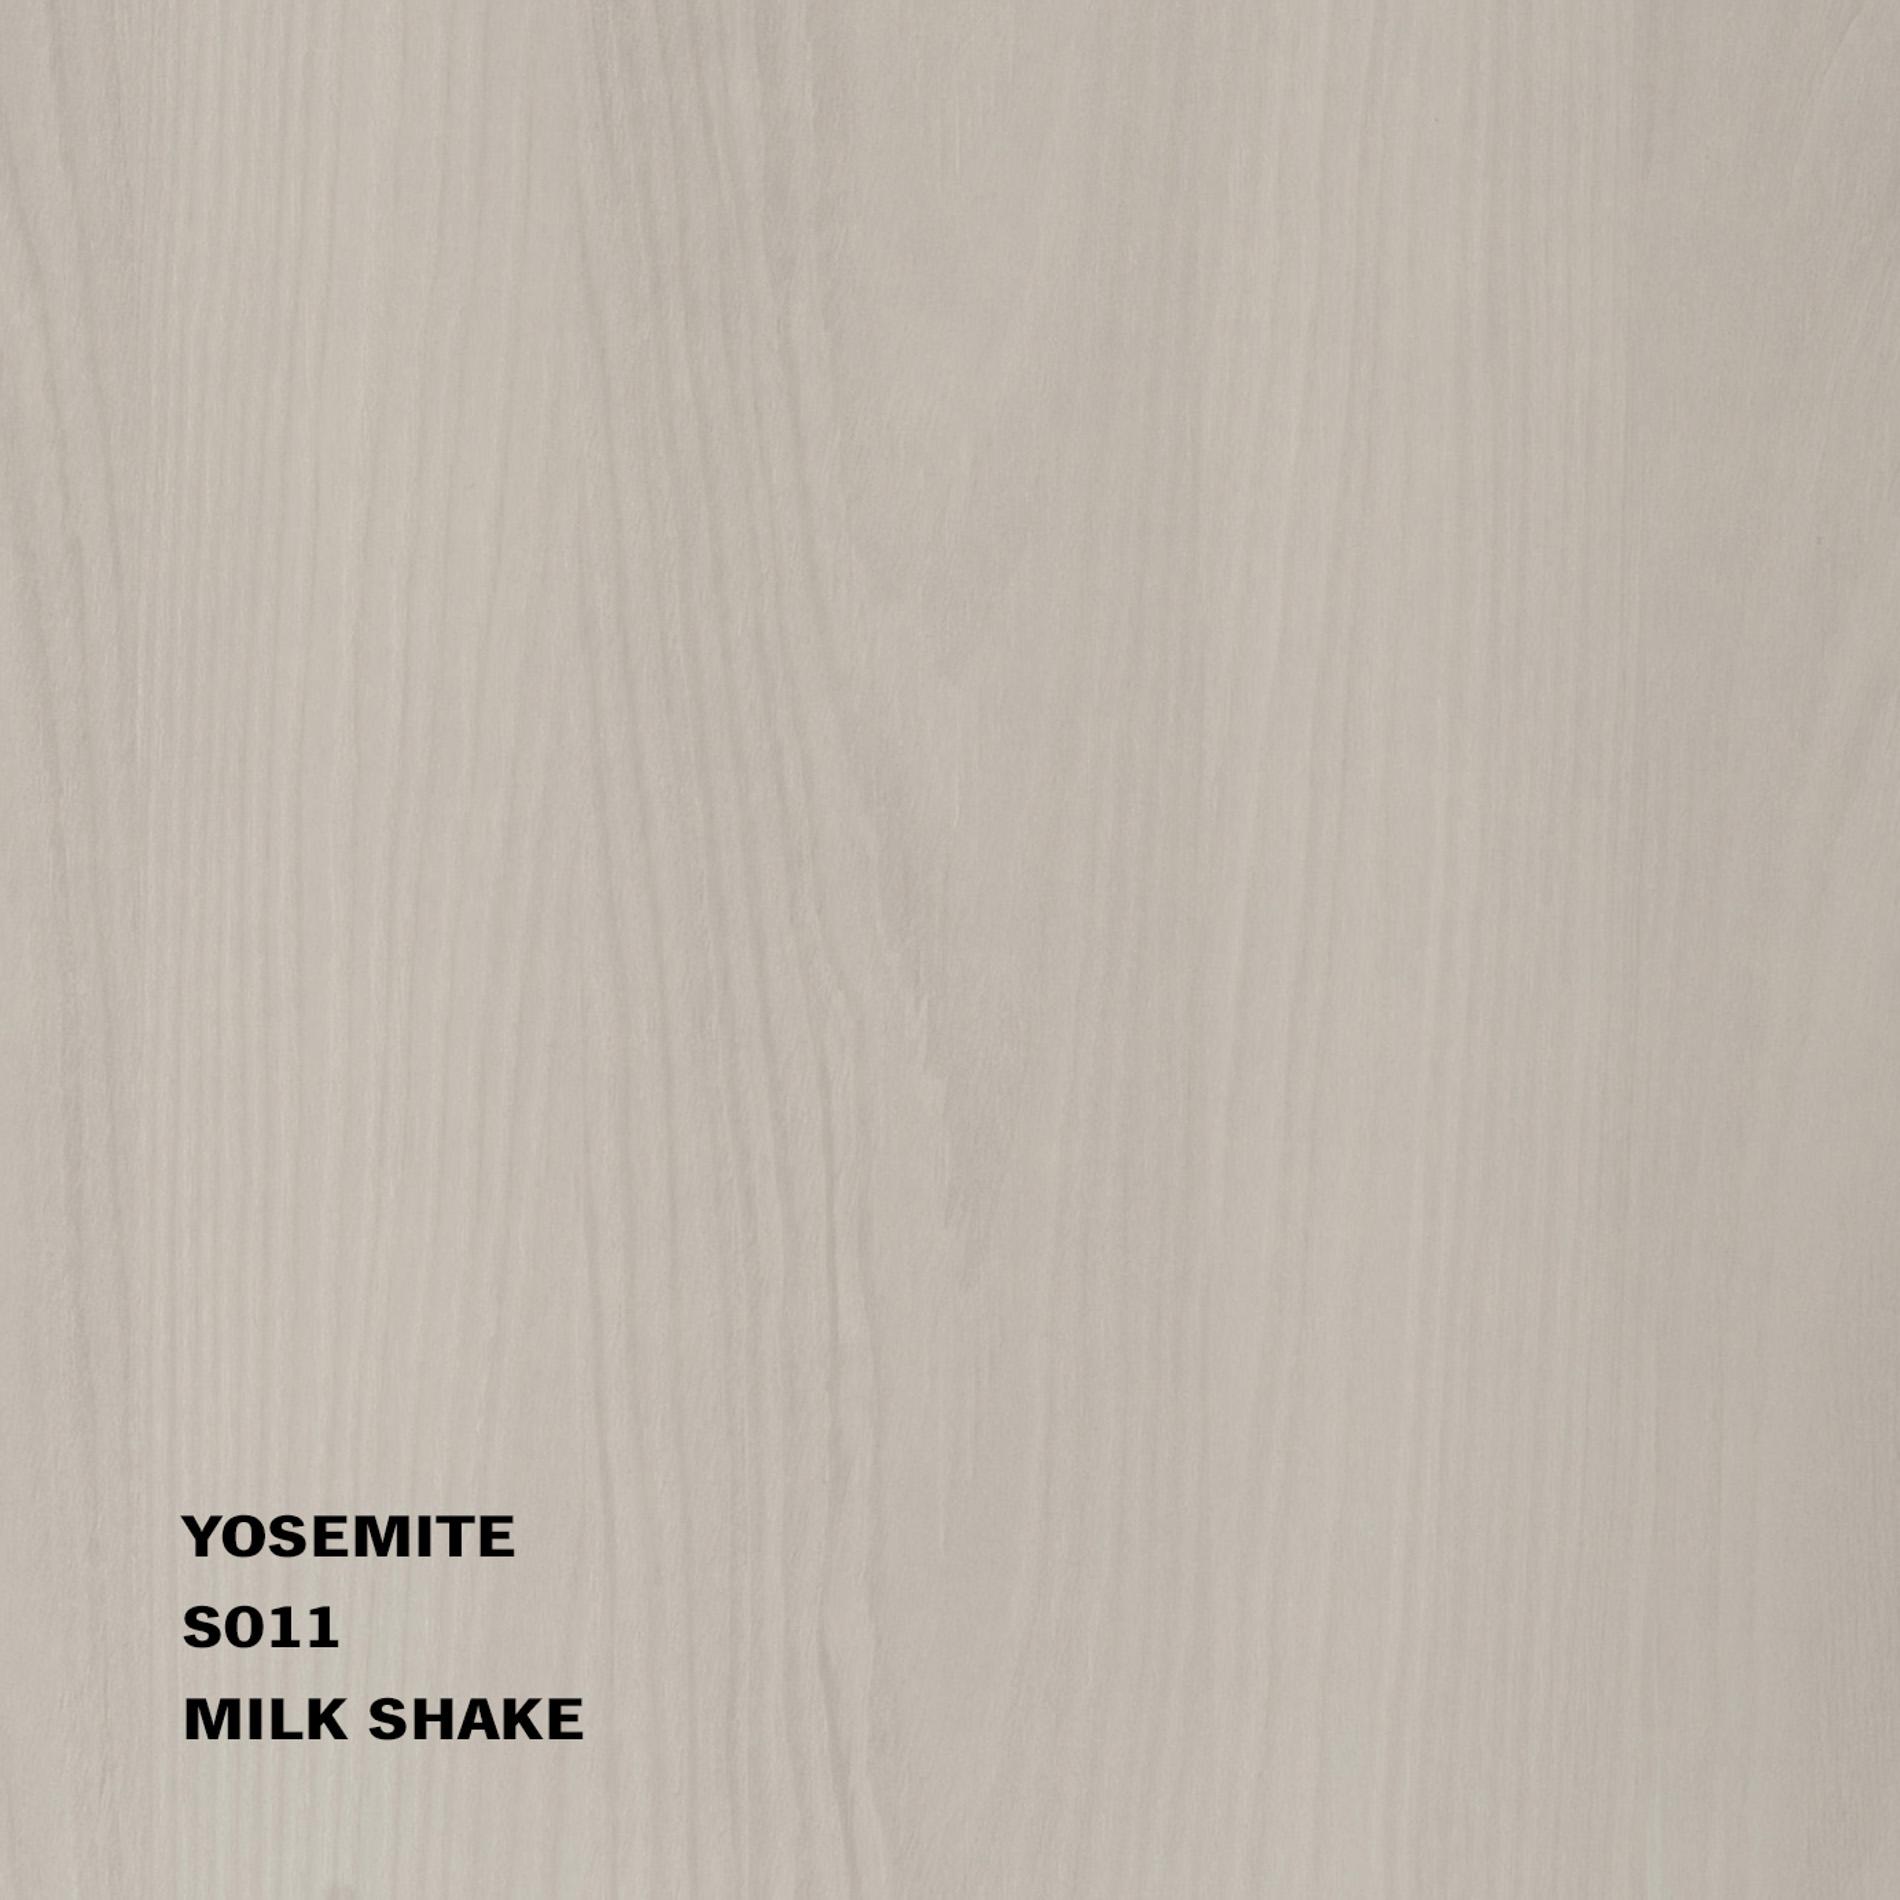 yosemite_s011